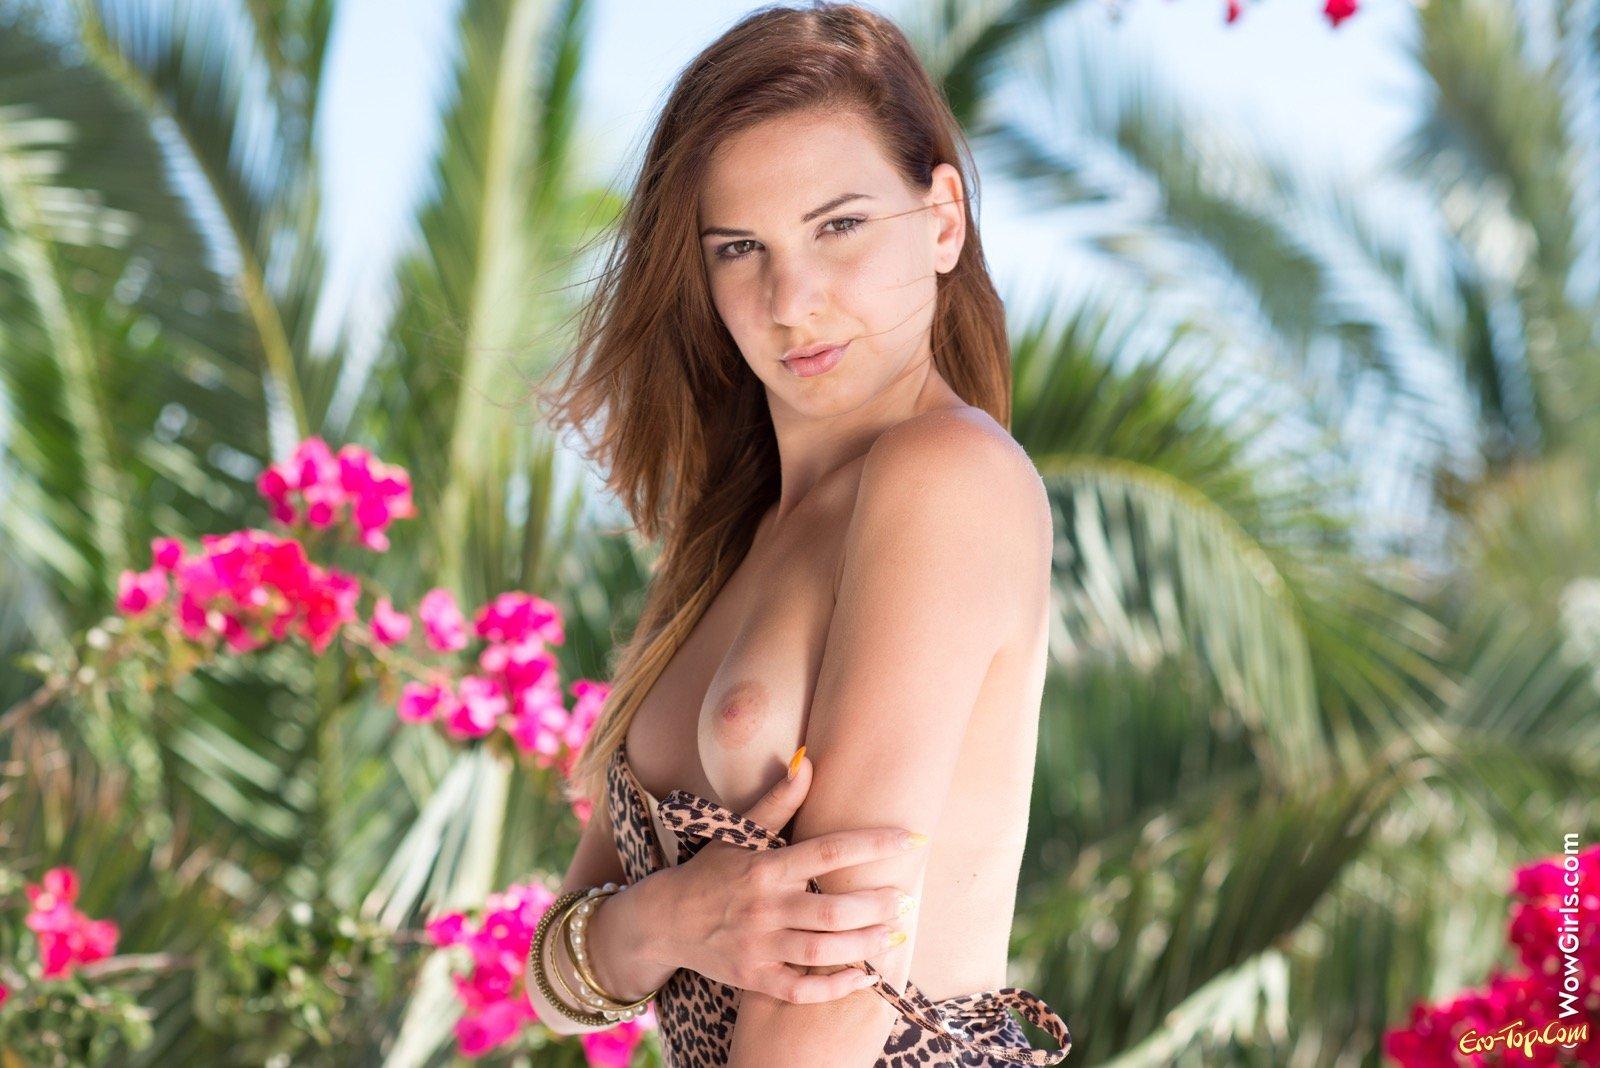 Восхитительная баба соблазнительно сбросила леопардовый купальник